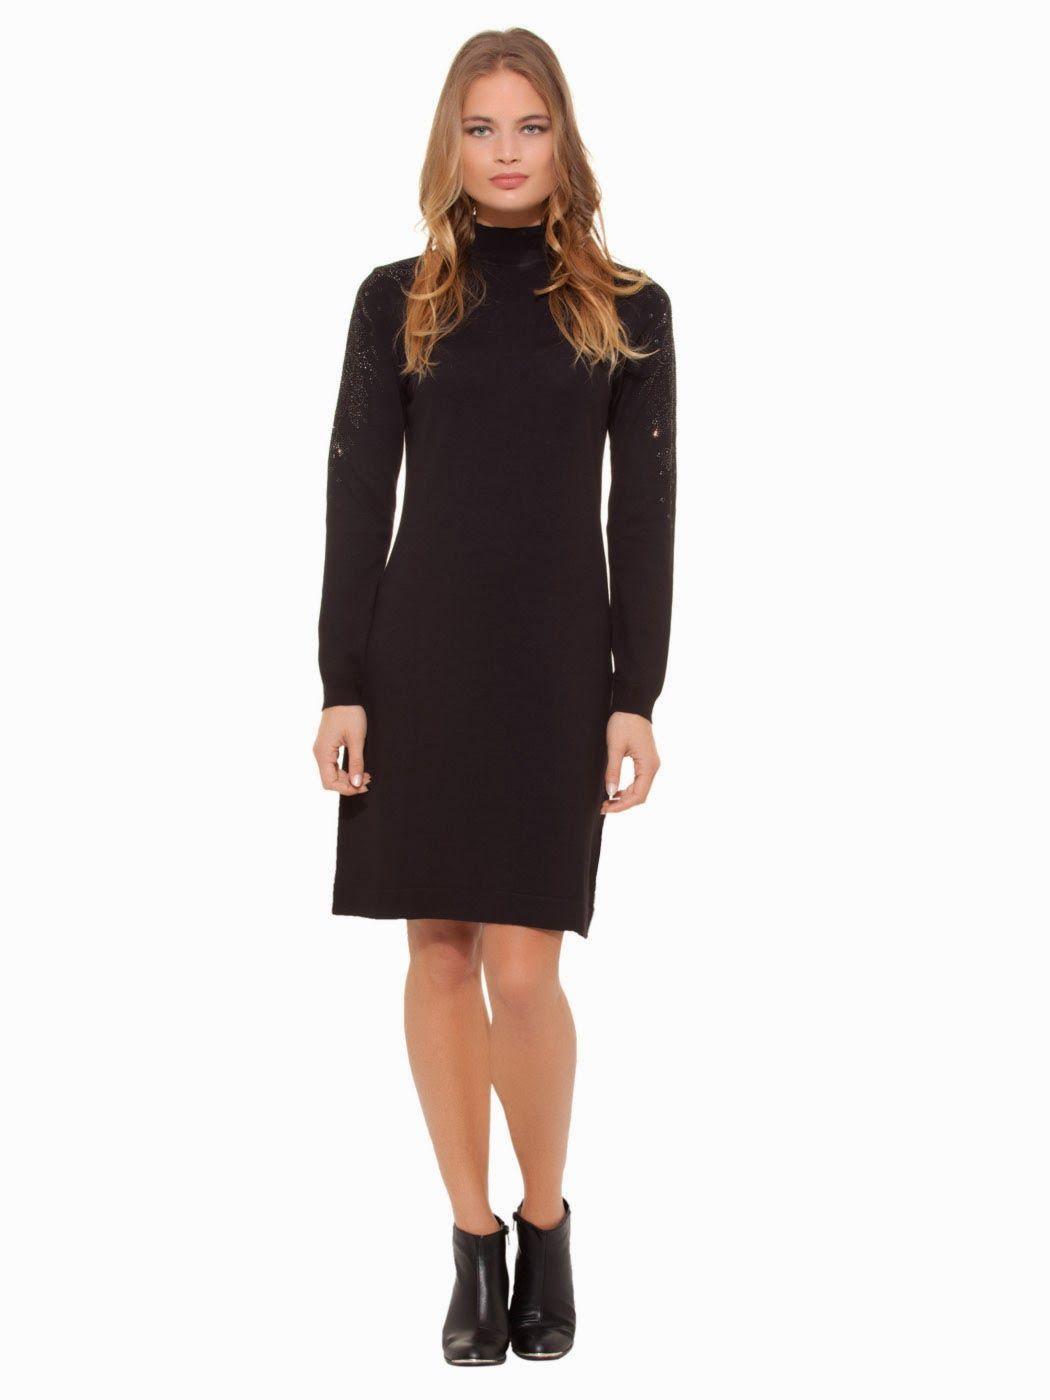 Bogazli Elbise Siyah Elbise Elbise Elbise Modelleri Siyah Elbise